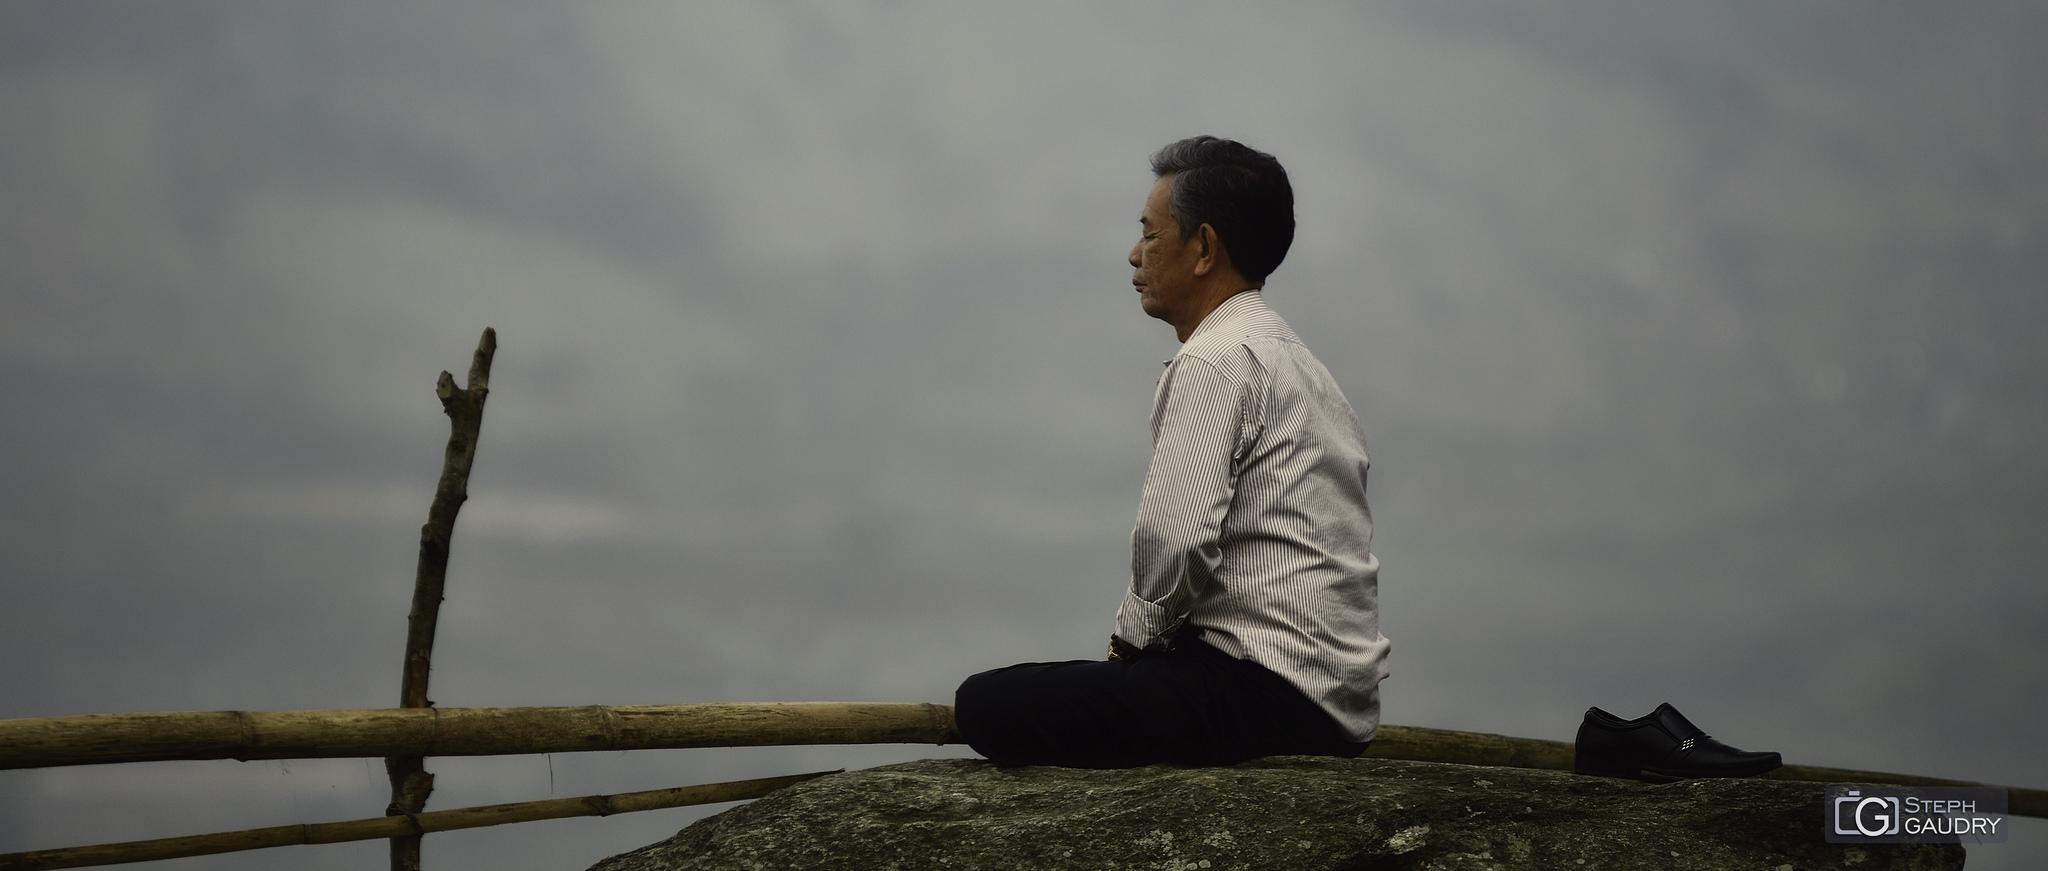 Méditation [Cliquez pour lancer le diaporama]